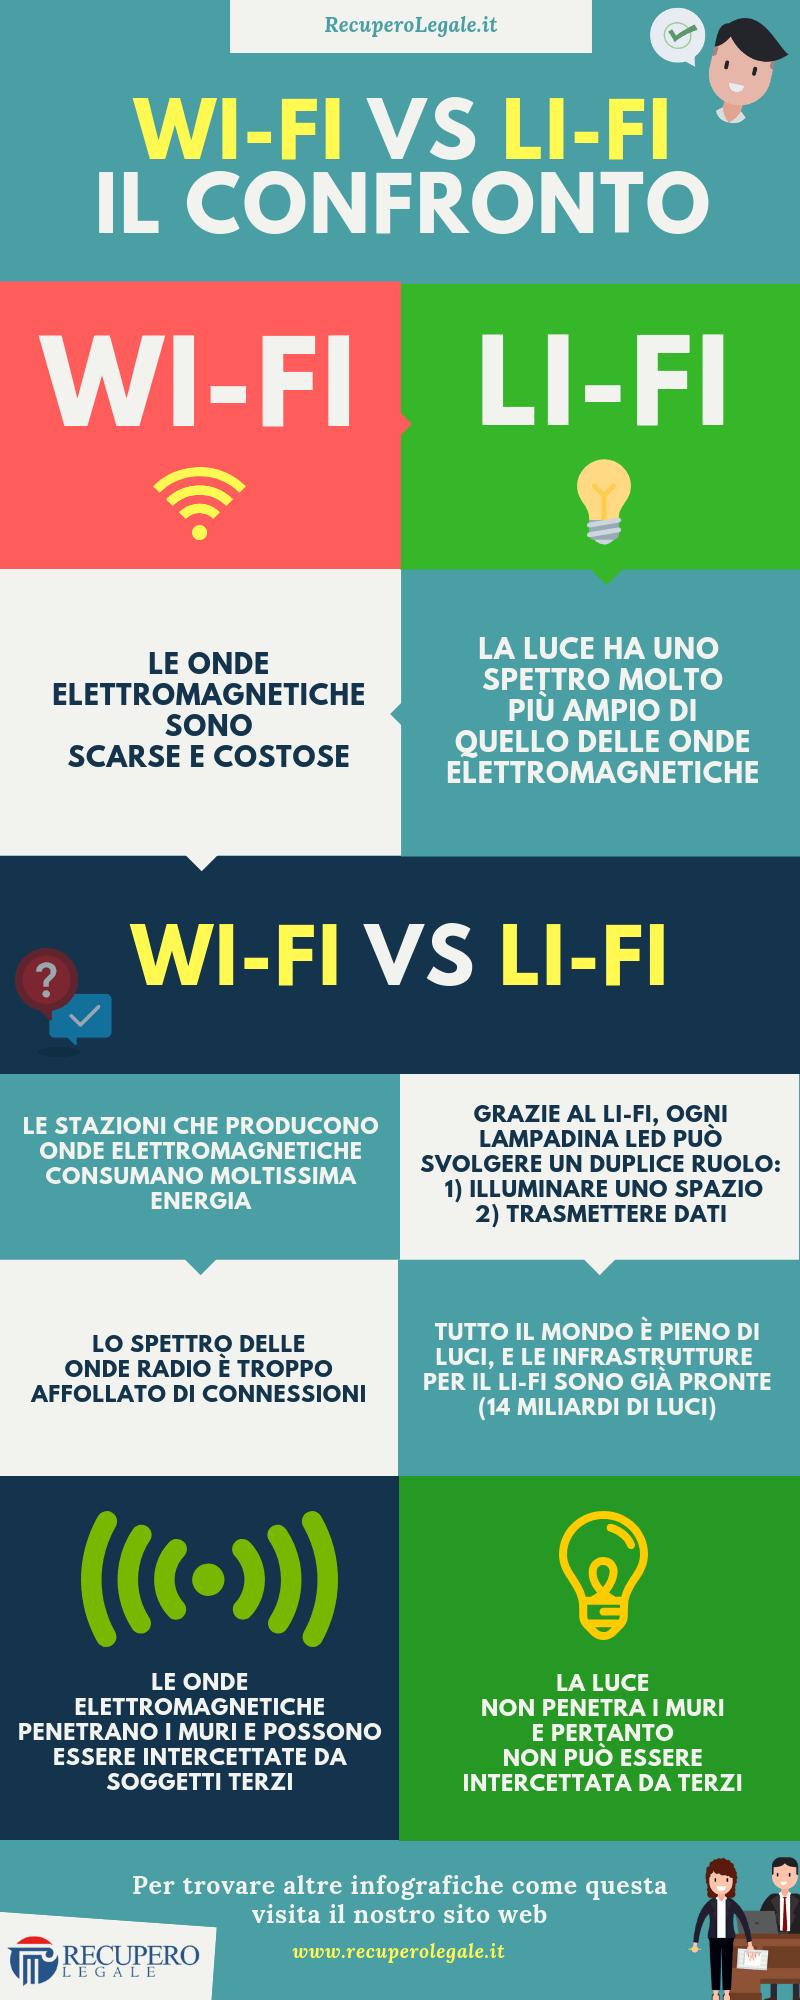 Wi-Fi vs Li-Fi: il confronto